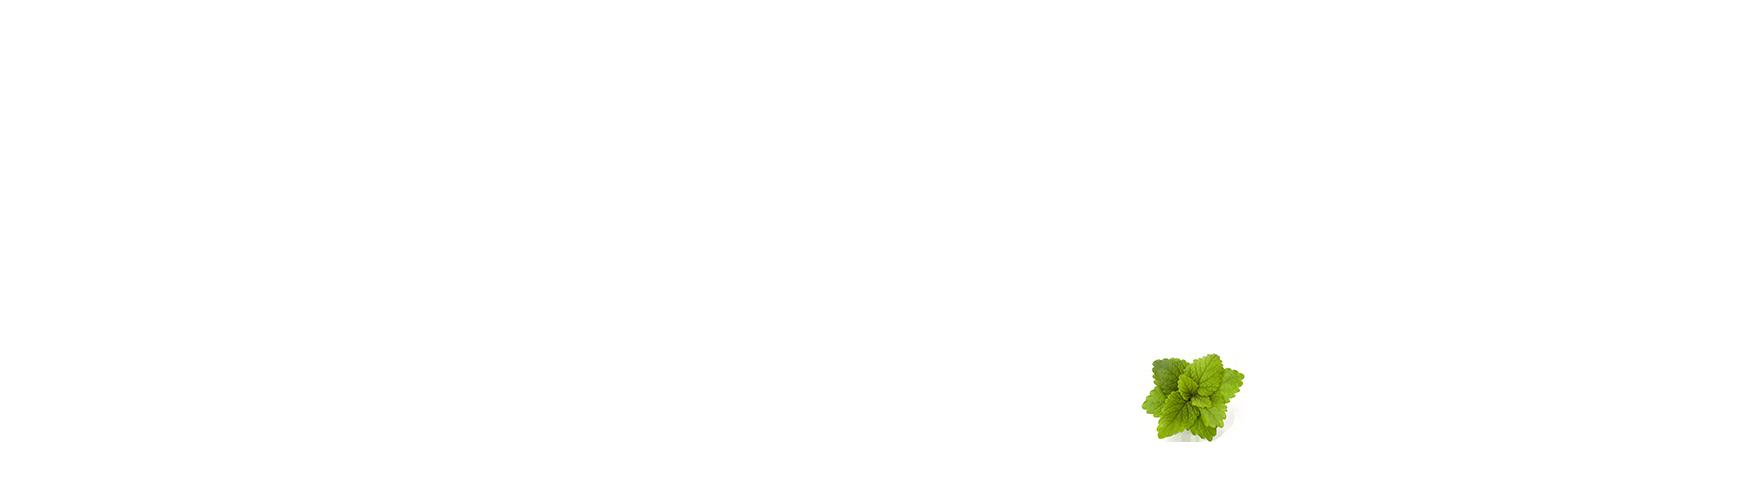 Peppermint Slide 2